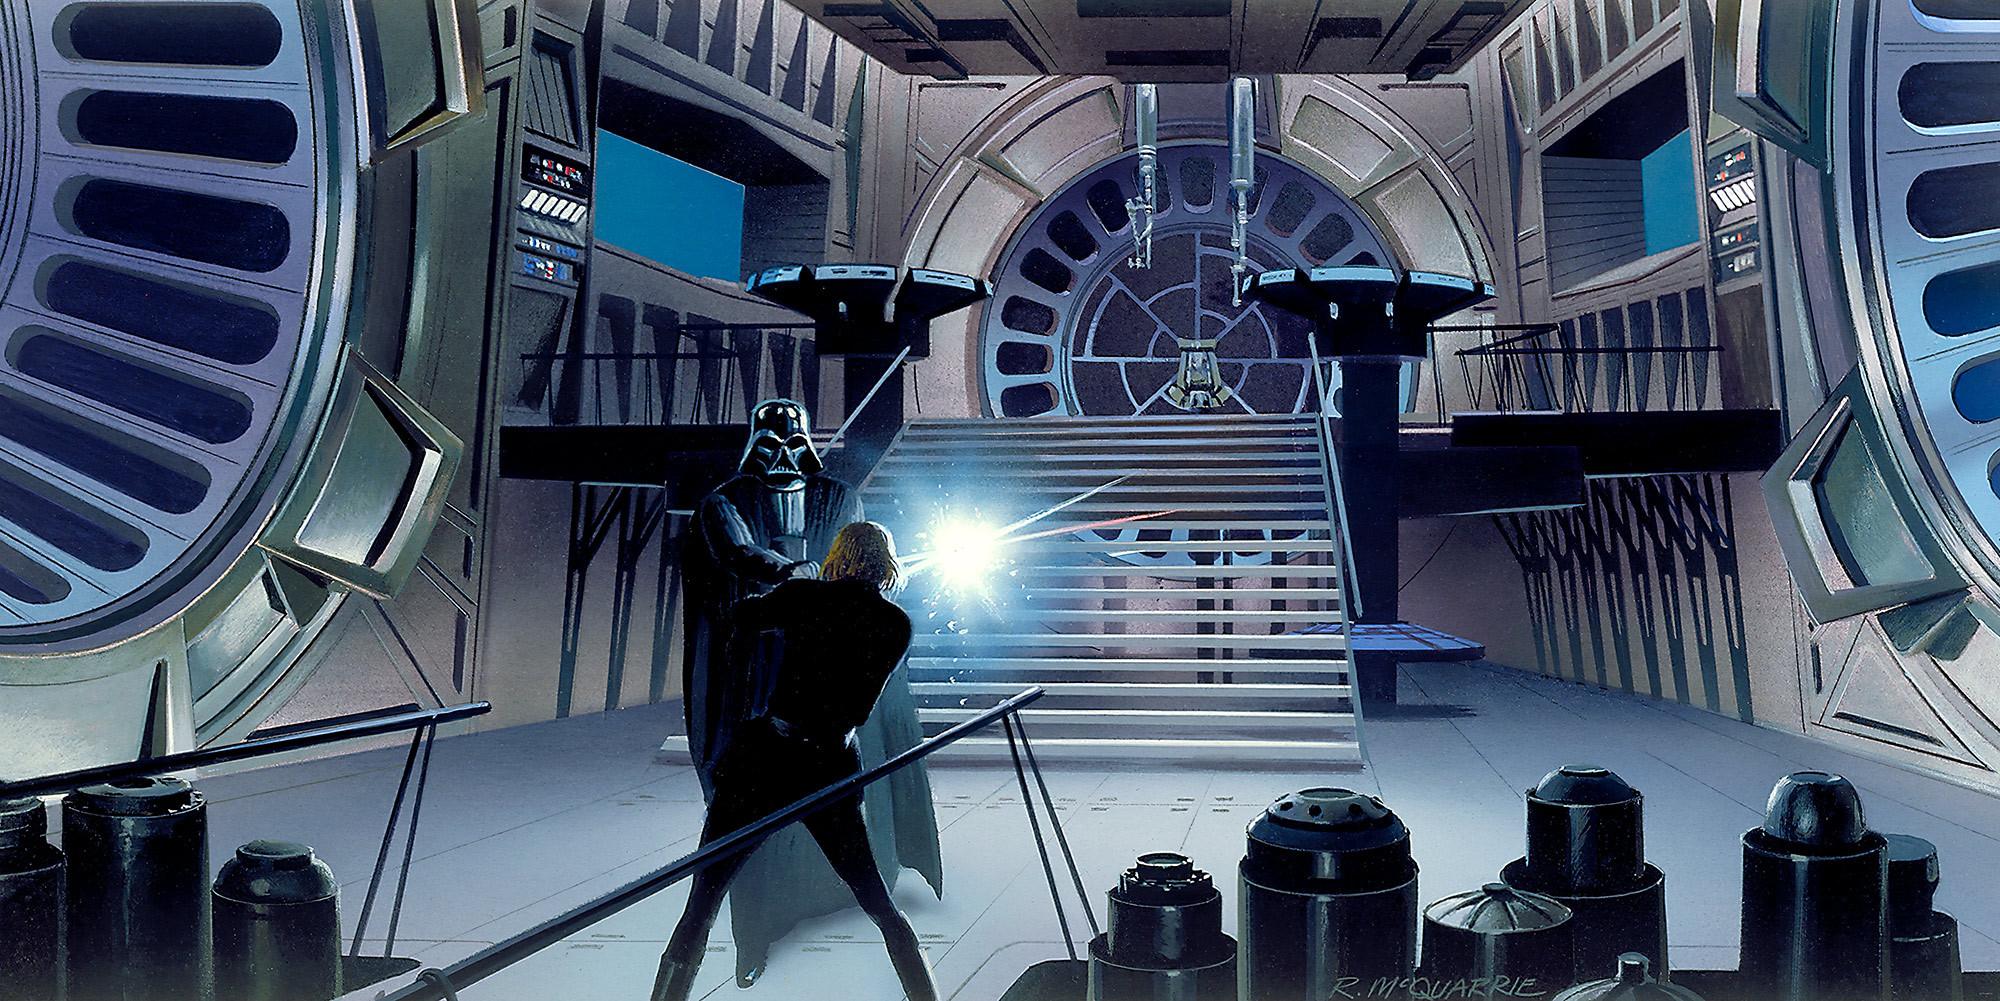 Star Wars Classic RMQ Duell Throneroom